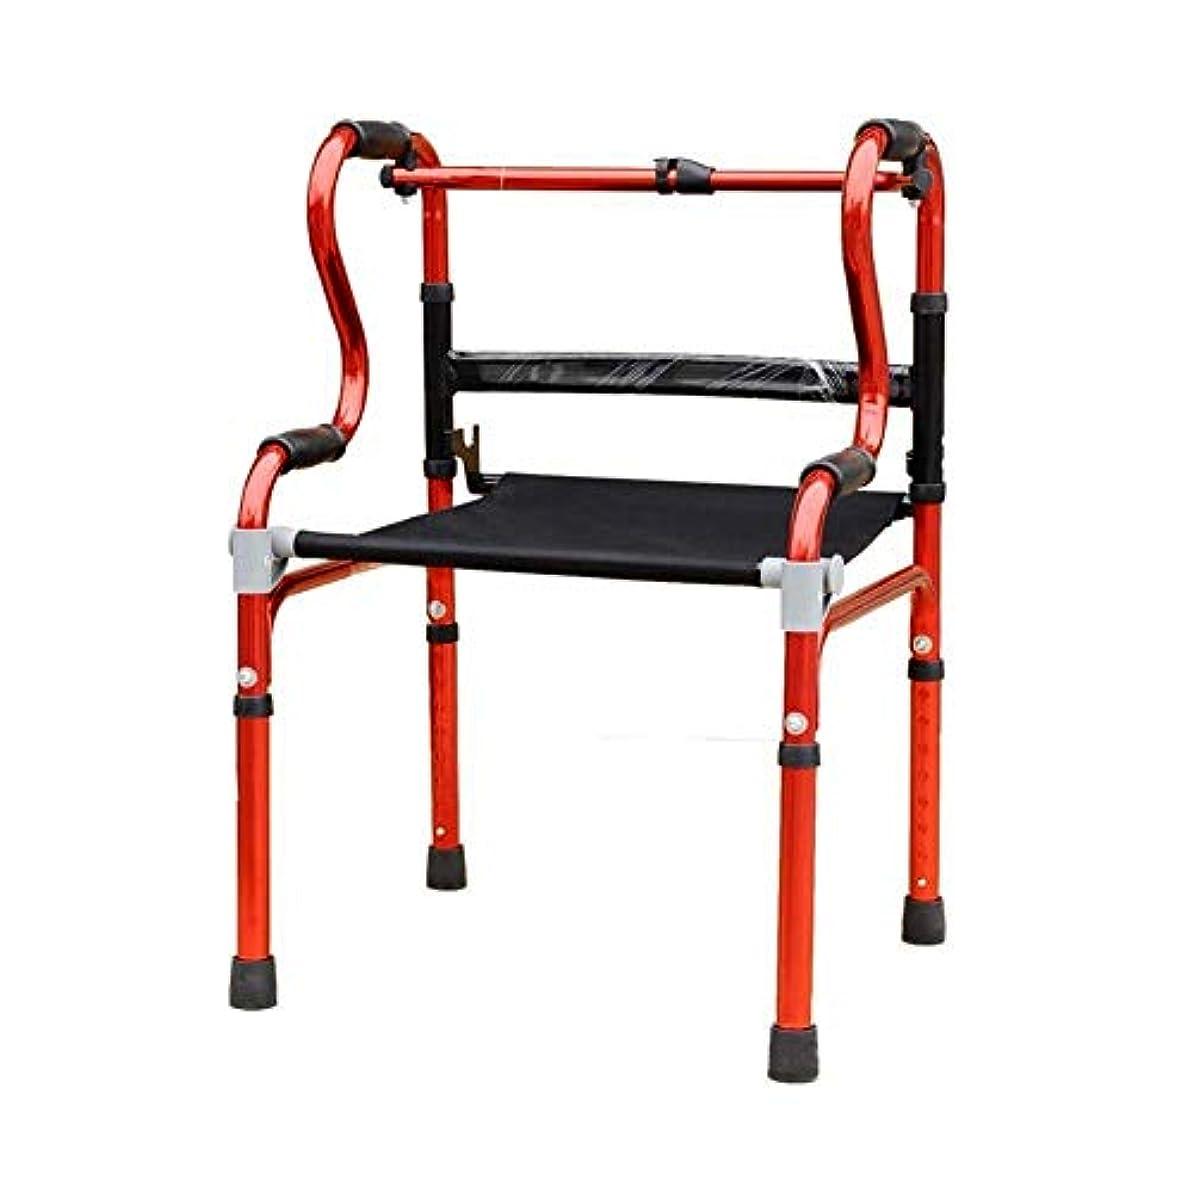 言い訳フィドル提案する軽量ウォーカー、パッド入りシートとバッグコンパクト折りたたみデザイン高齢者ウォーカー付きアルミニウムローラー